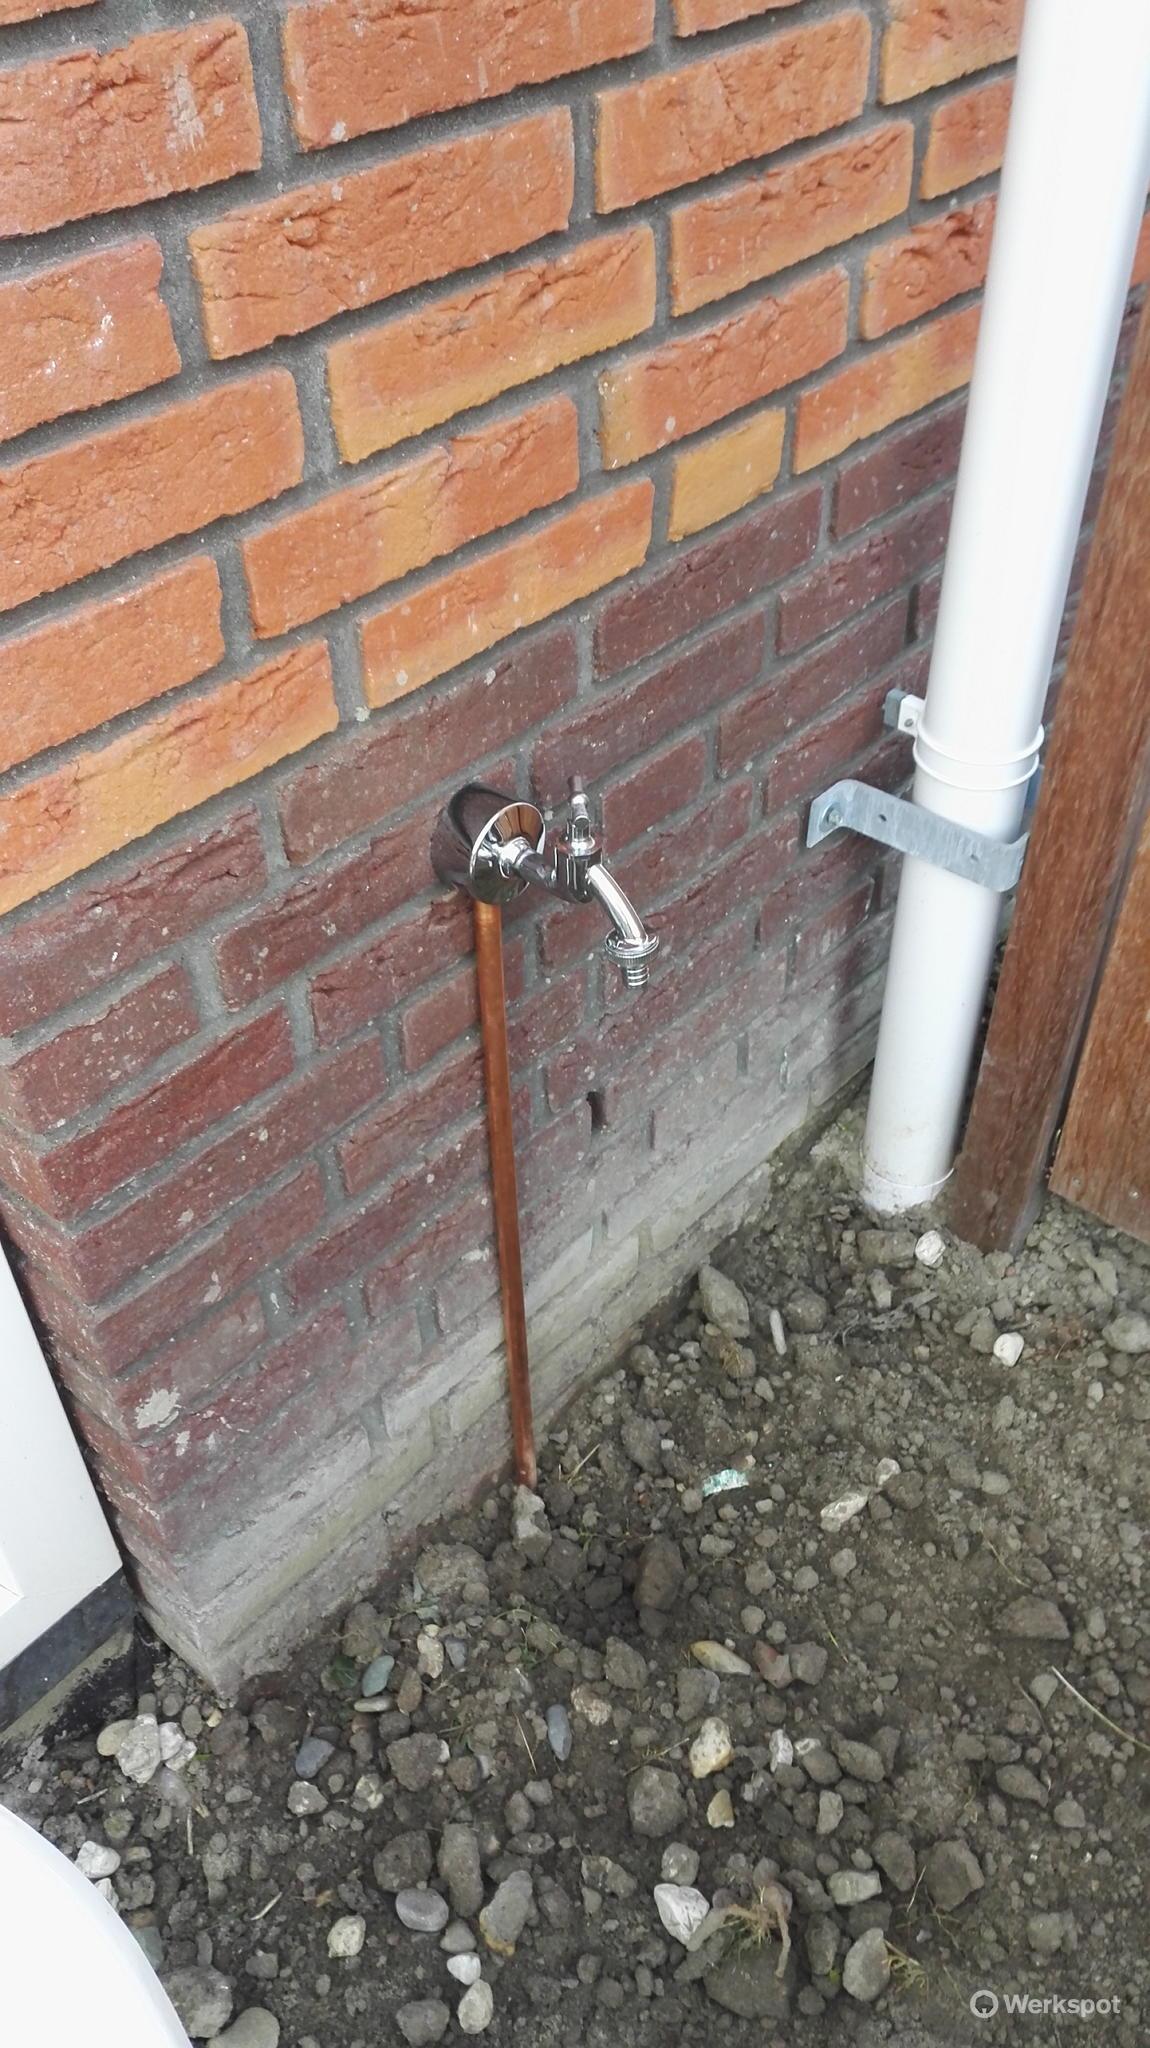 Uitzonderlijk Vorstvrij) Buitenkraantje aanleggen in nieuwbouwwoning - Werkspot DB45